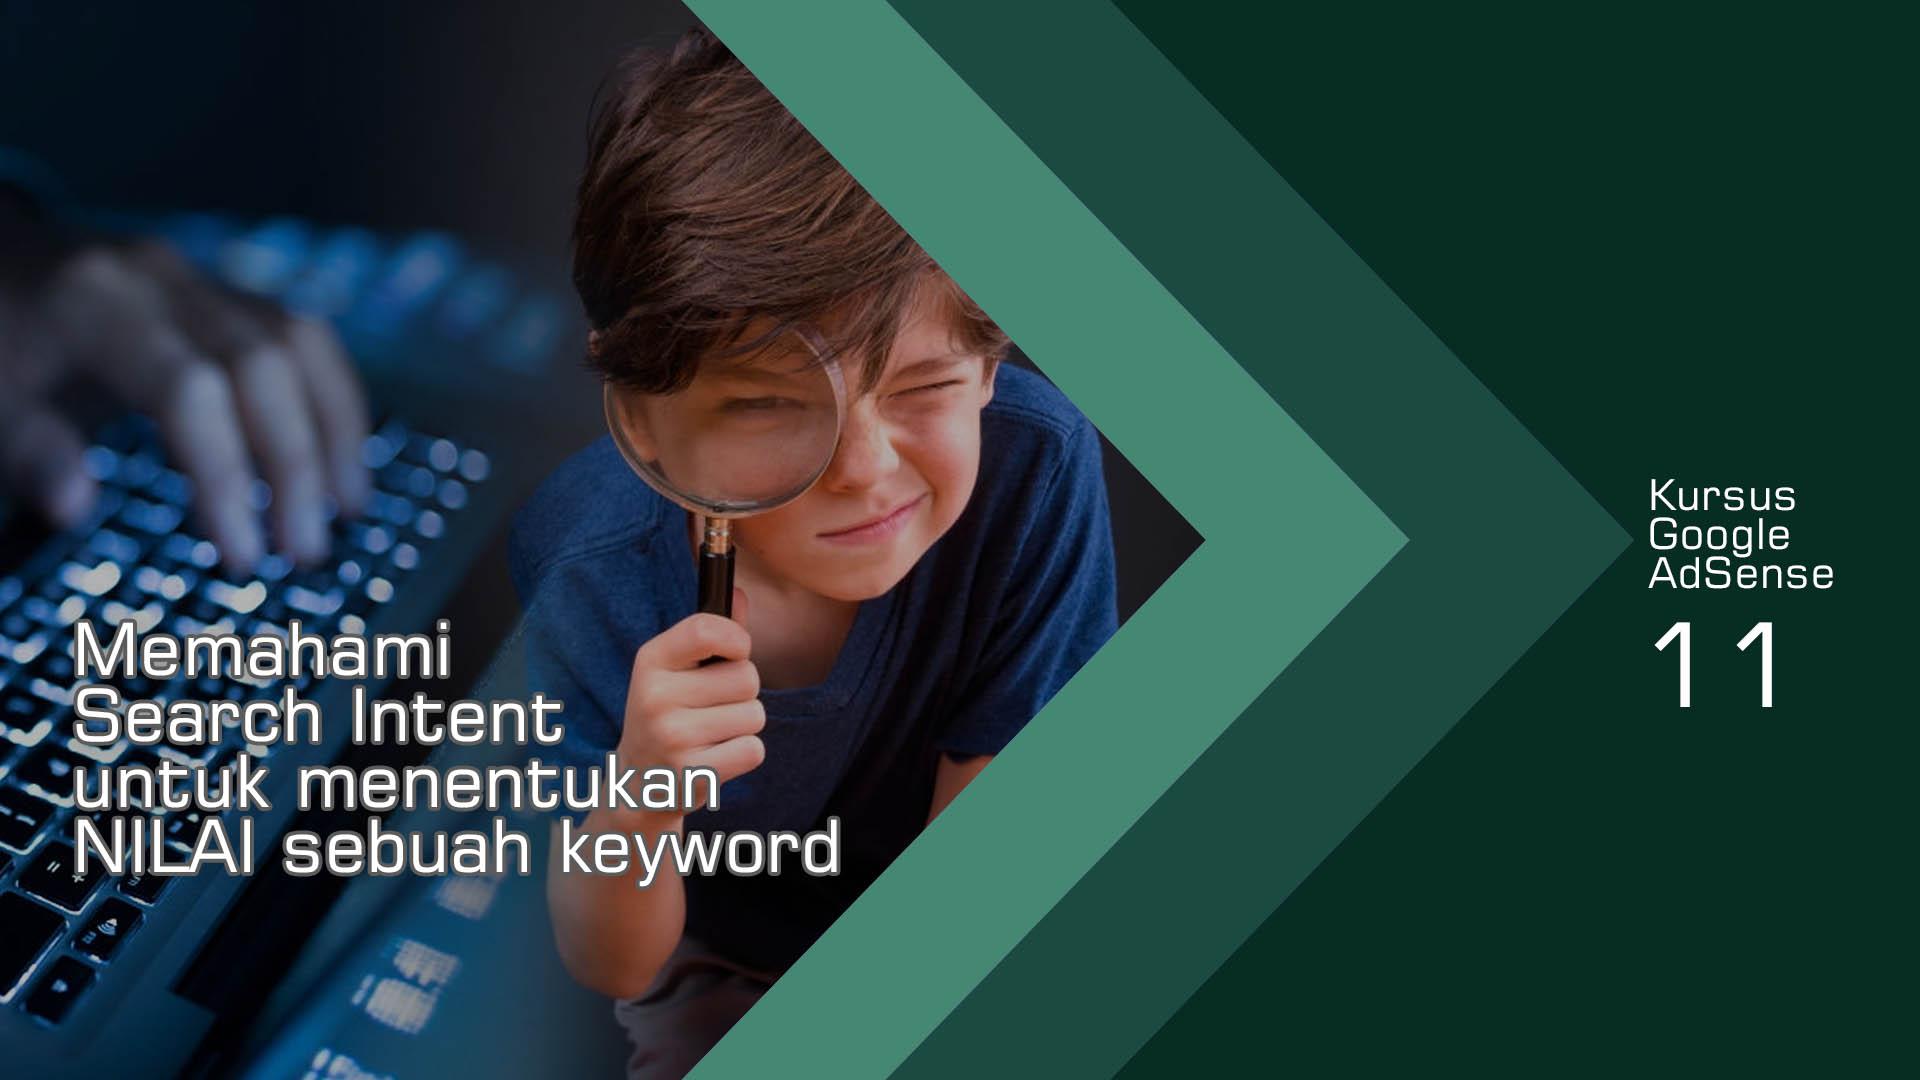 Memahami Search Intent Untuk Menentukan Nilai Sebuah Keyword